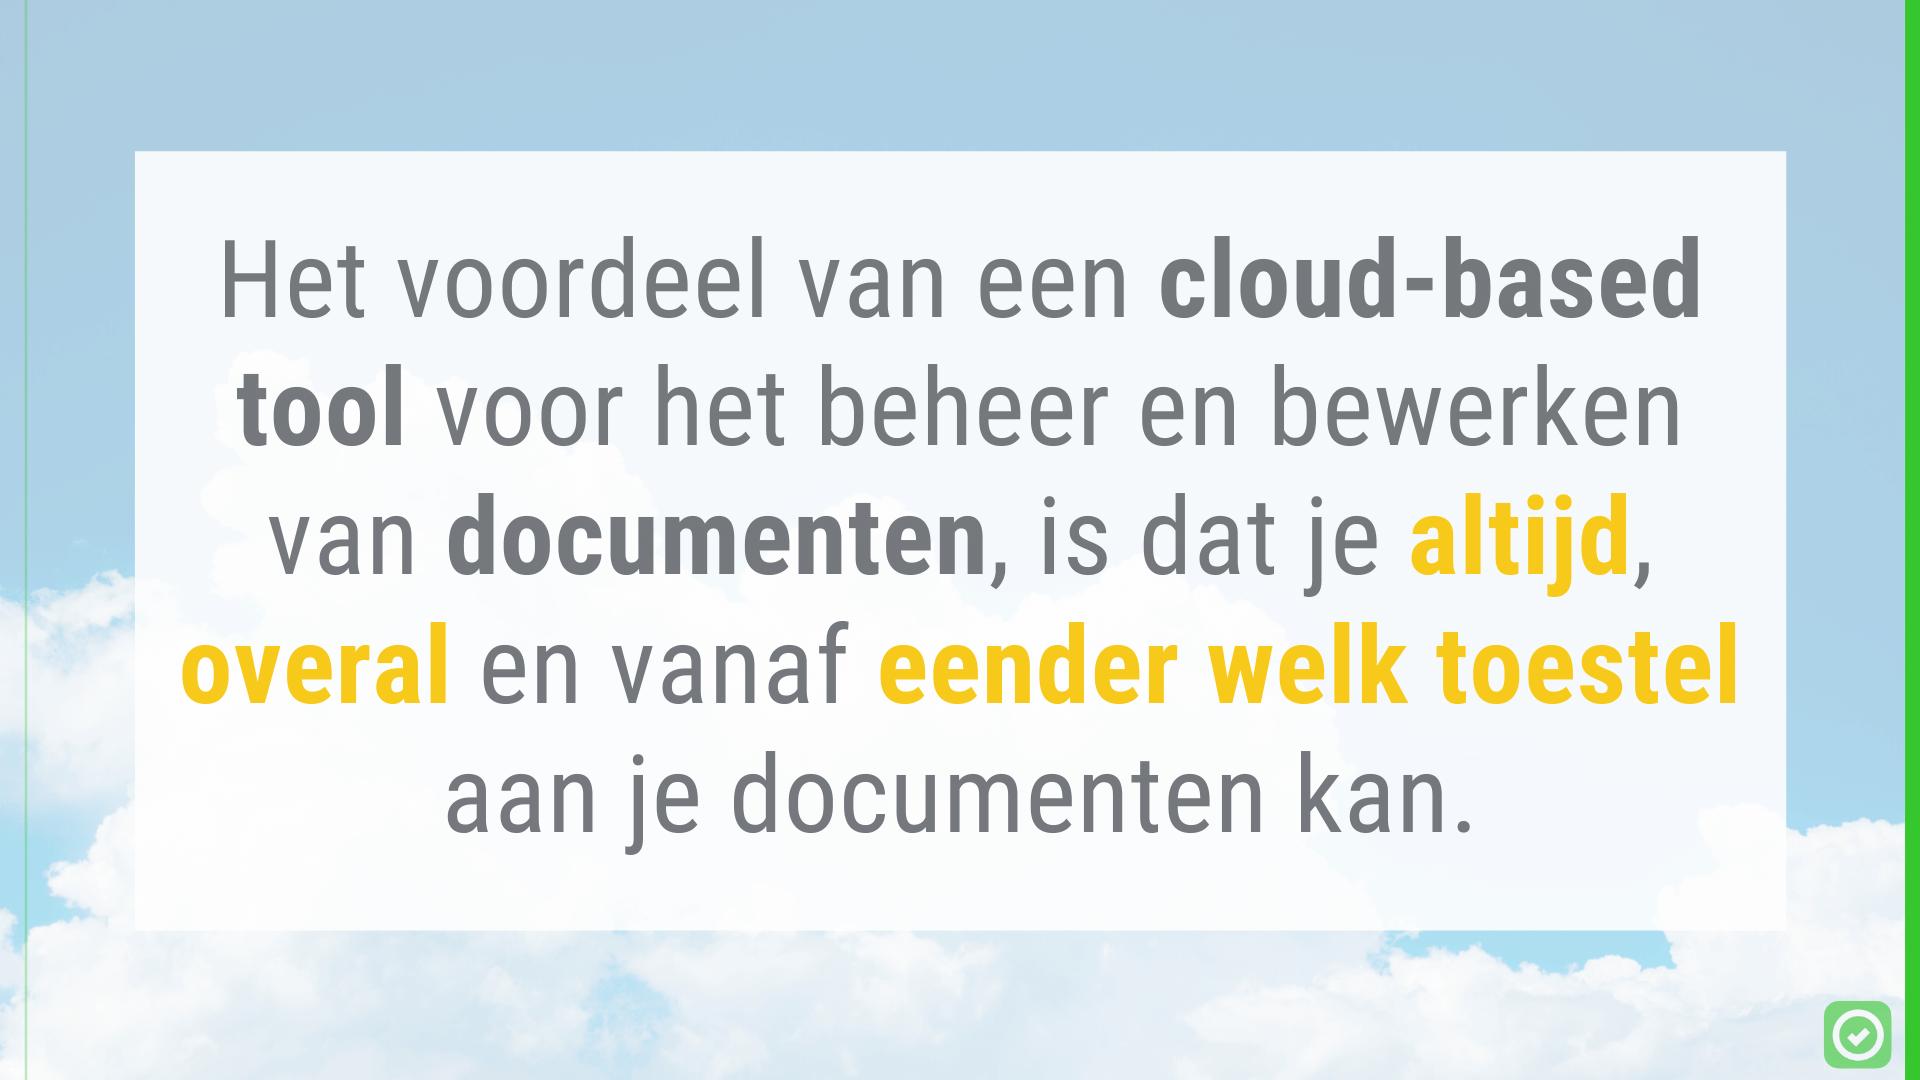 Het voordeel van een cloud-based tool voor het beheer en bewerken van documenten, is dat je altijd, overal en vanaf eender welk toestel aan je documenten kan. | ArchiSnapper